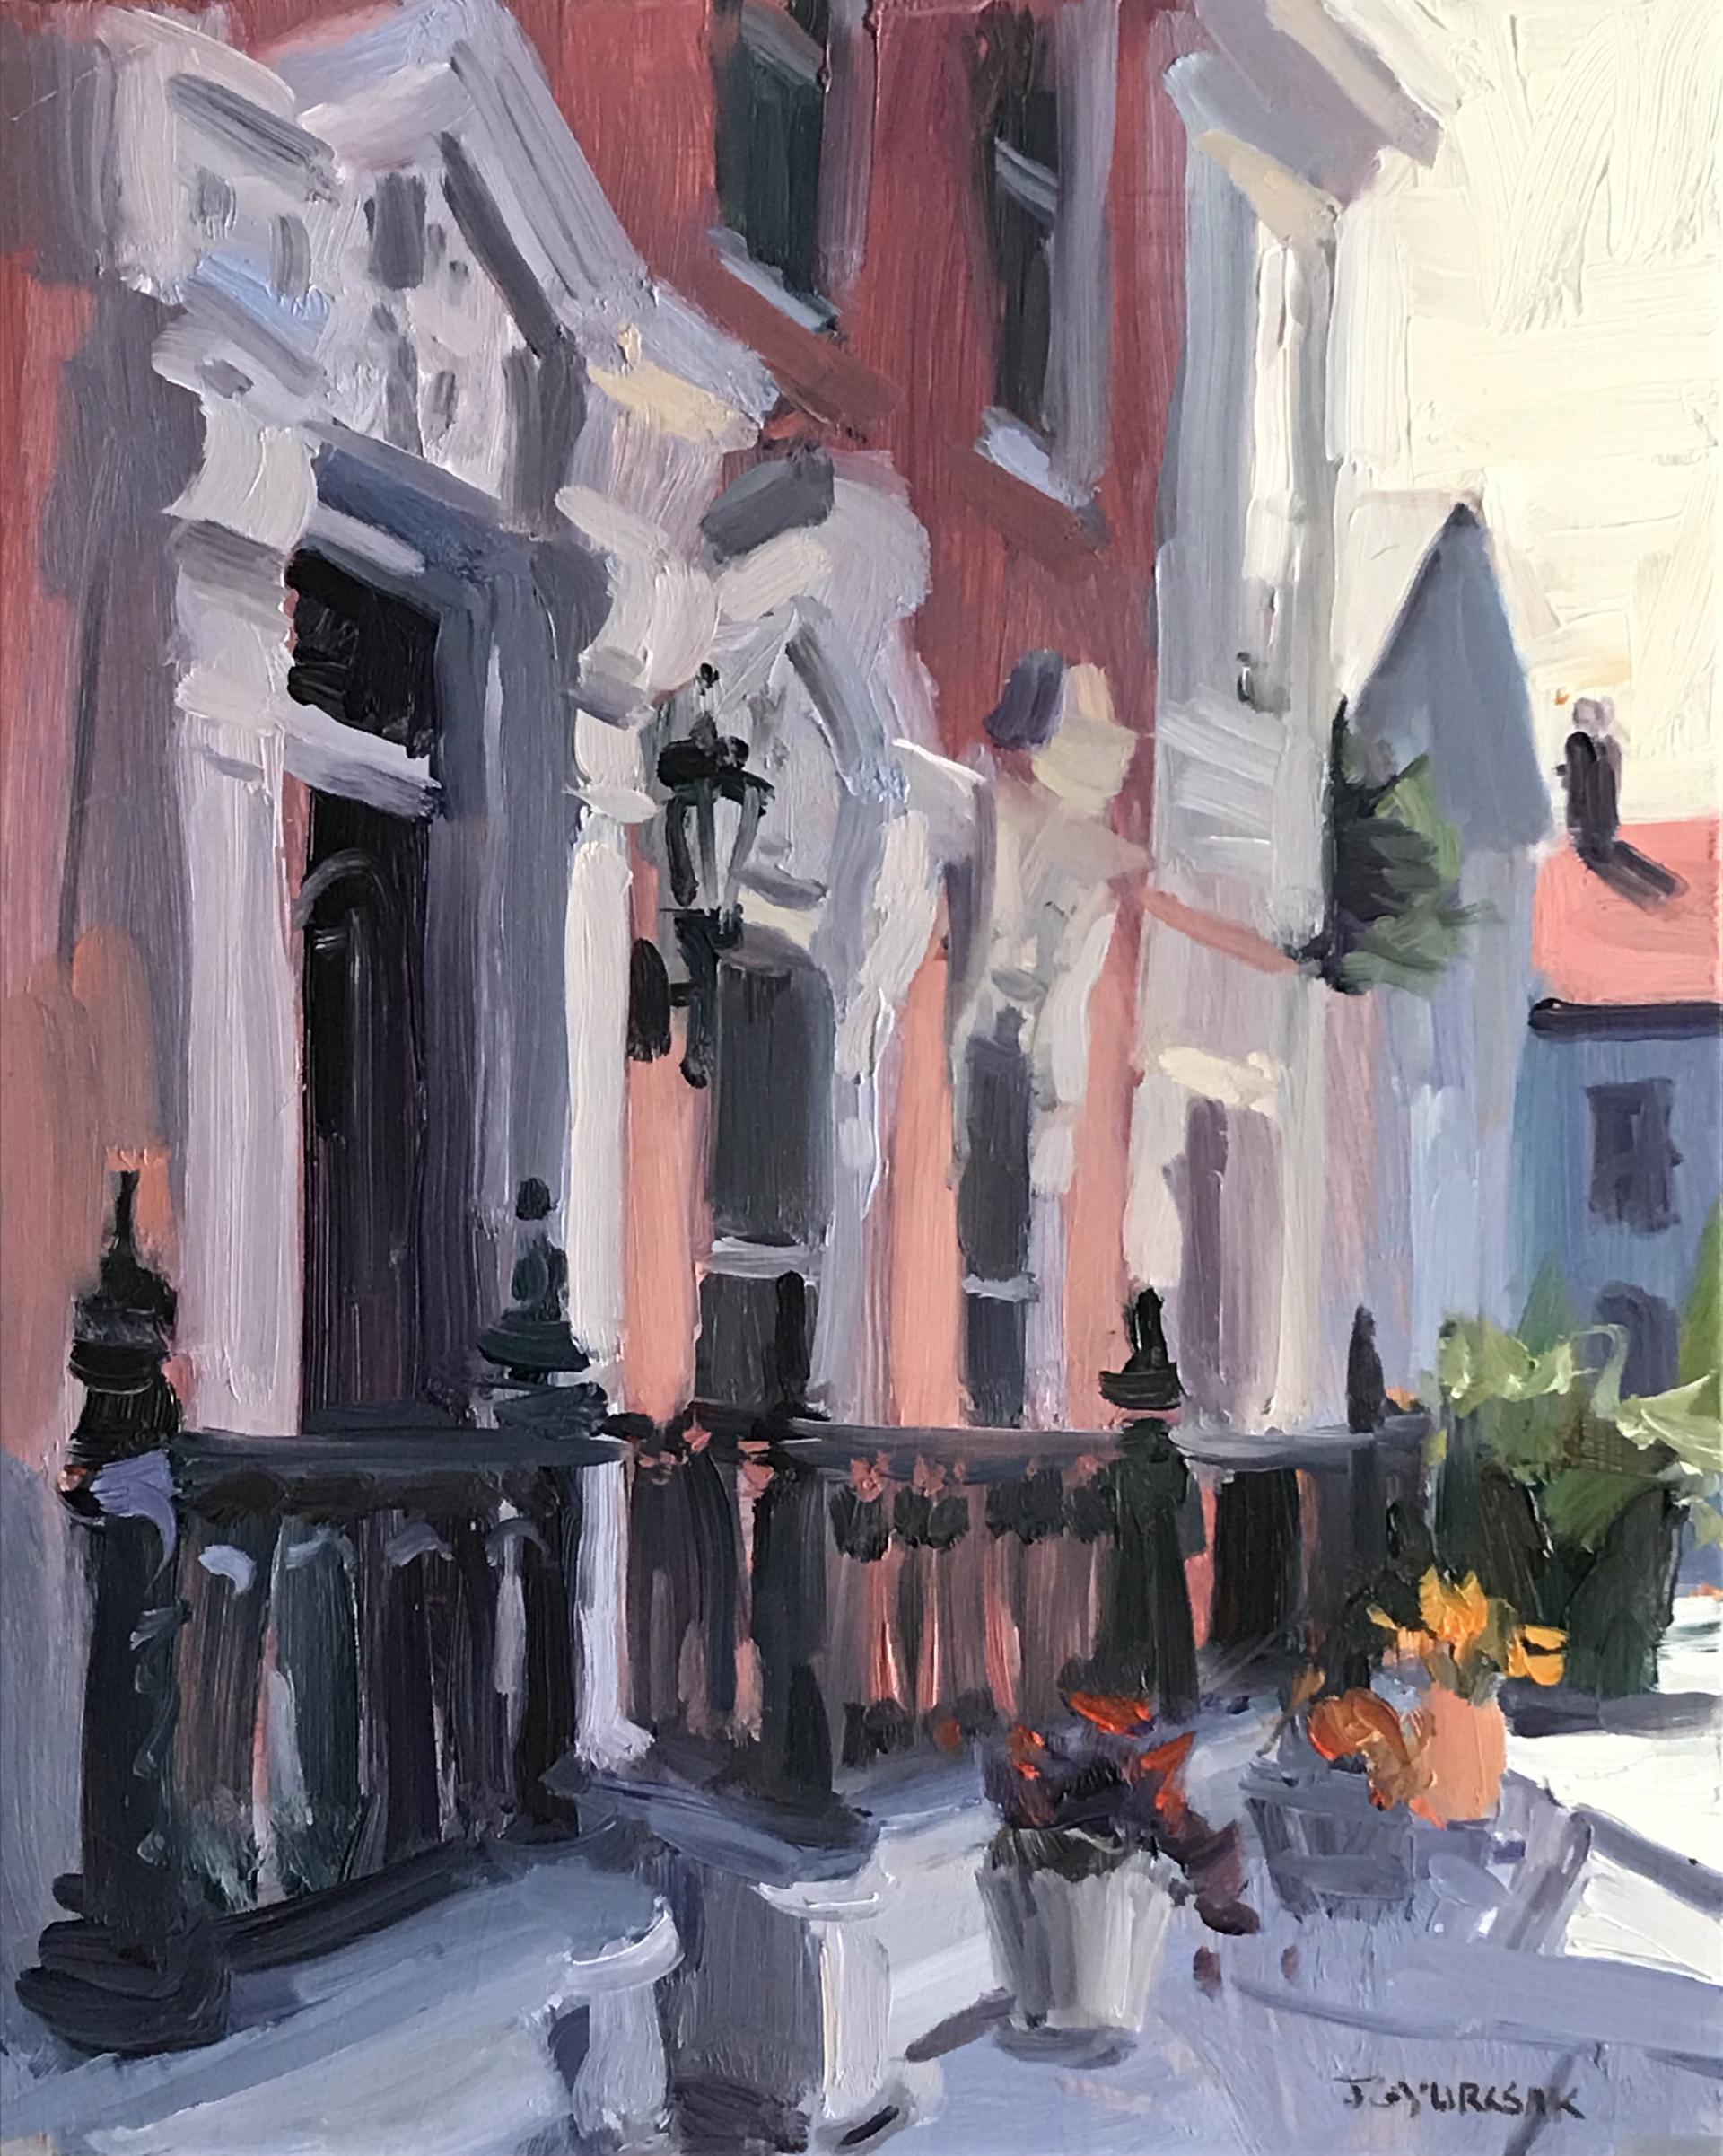 Pink Shadows by Joe Gyurcsak